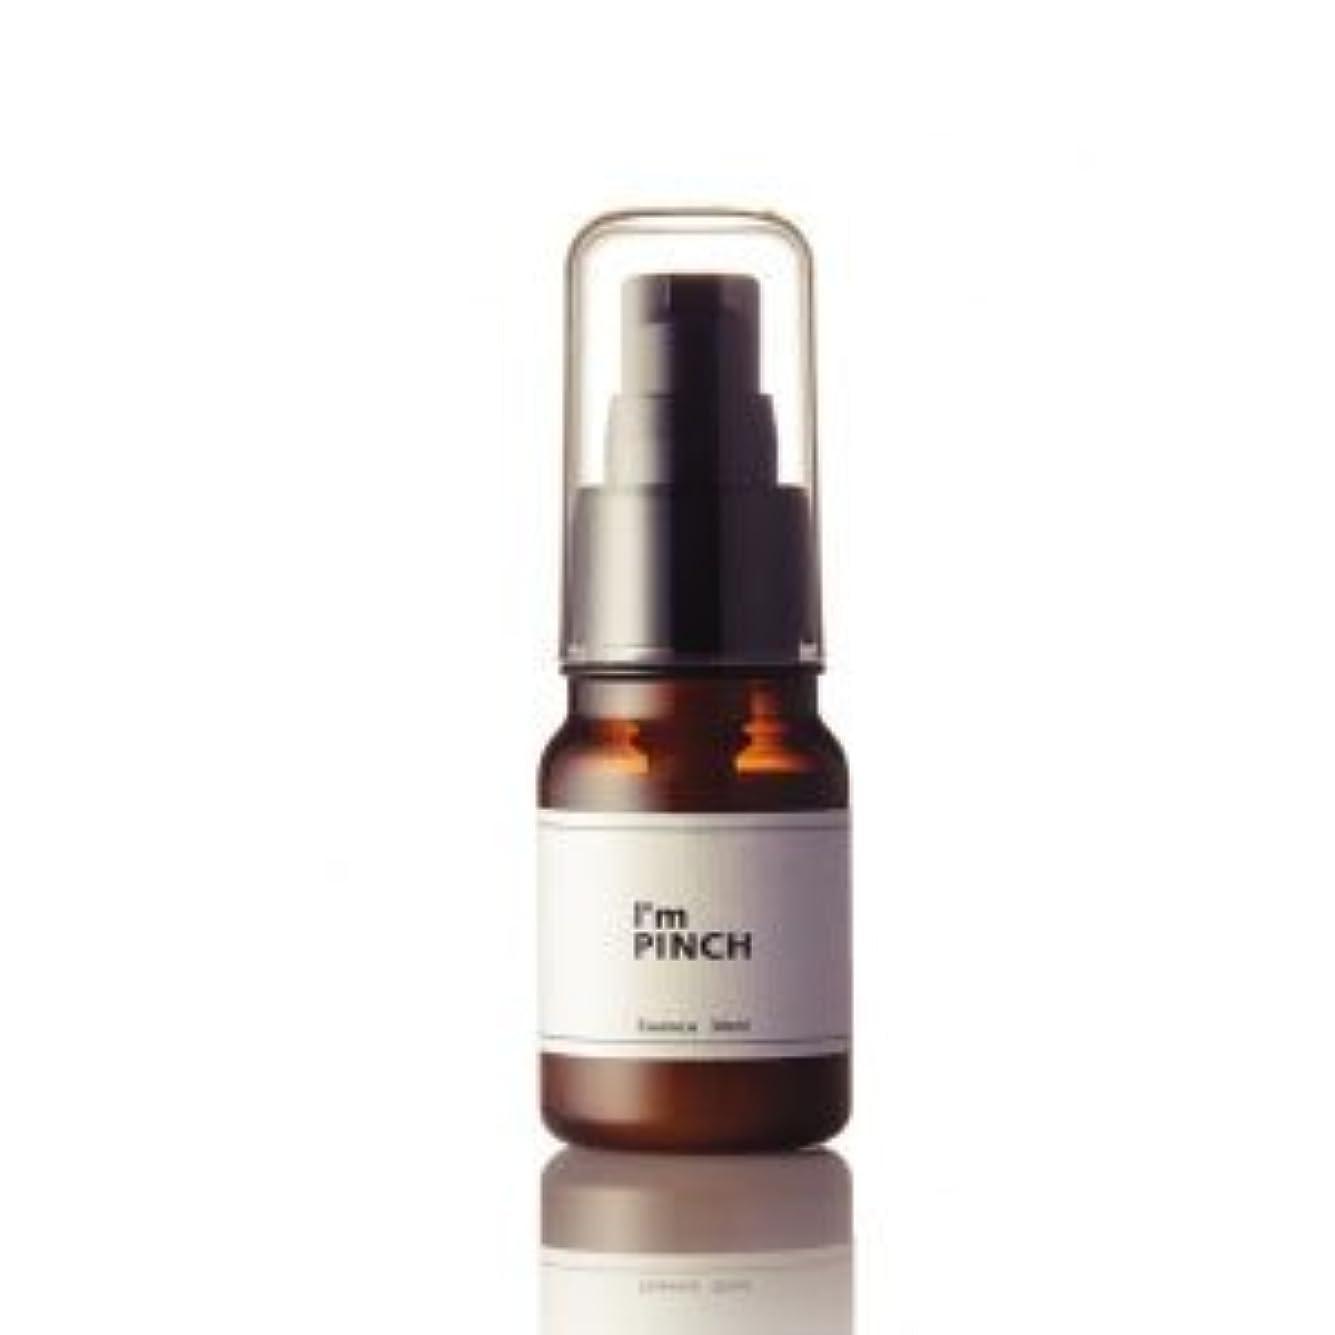 開示するスローガン不利乾燥からお肌を救う美容液 I'm PINCH(アイムピンチ)10ml